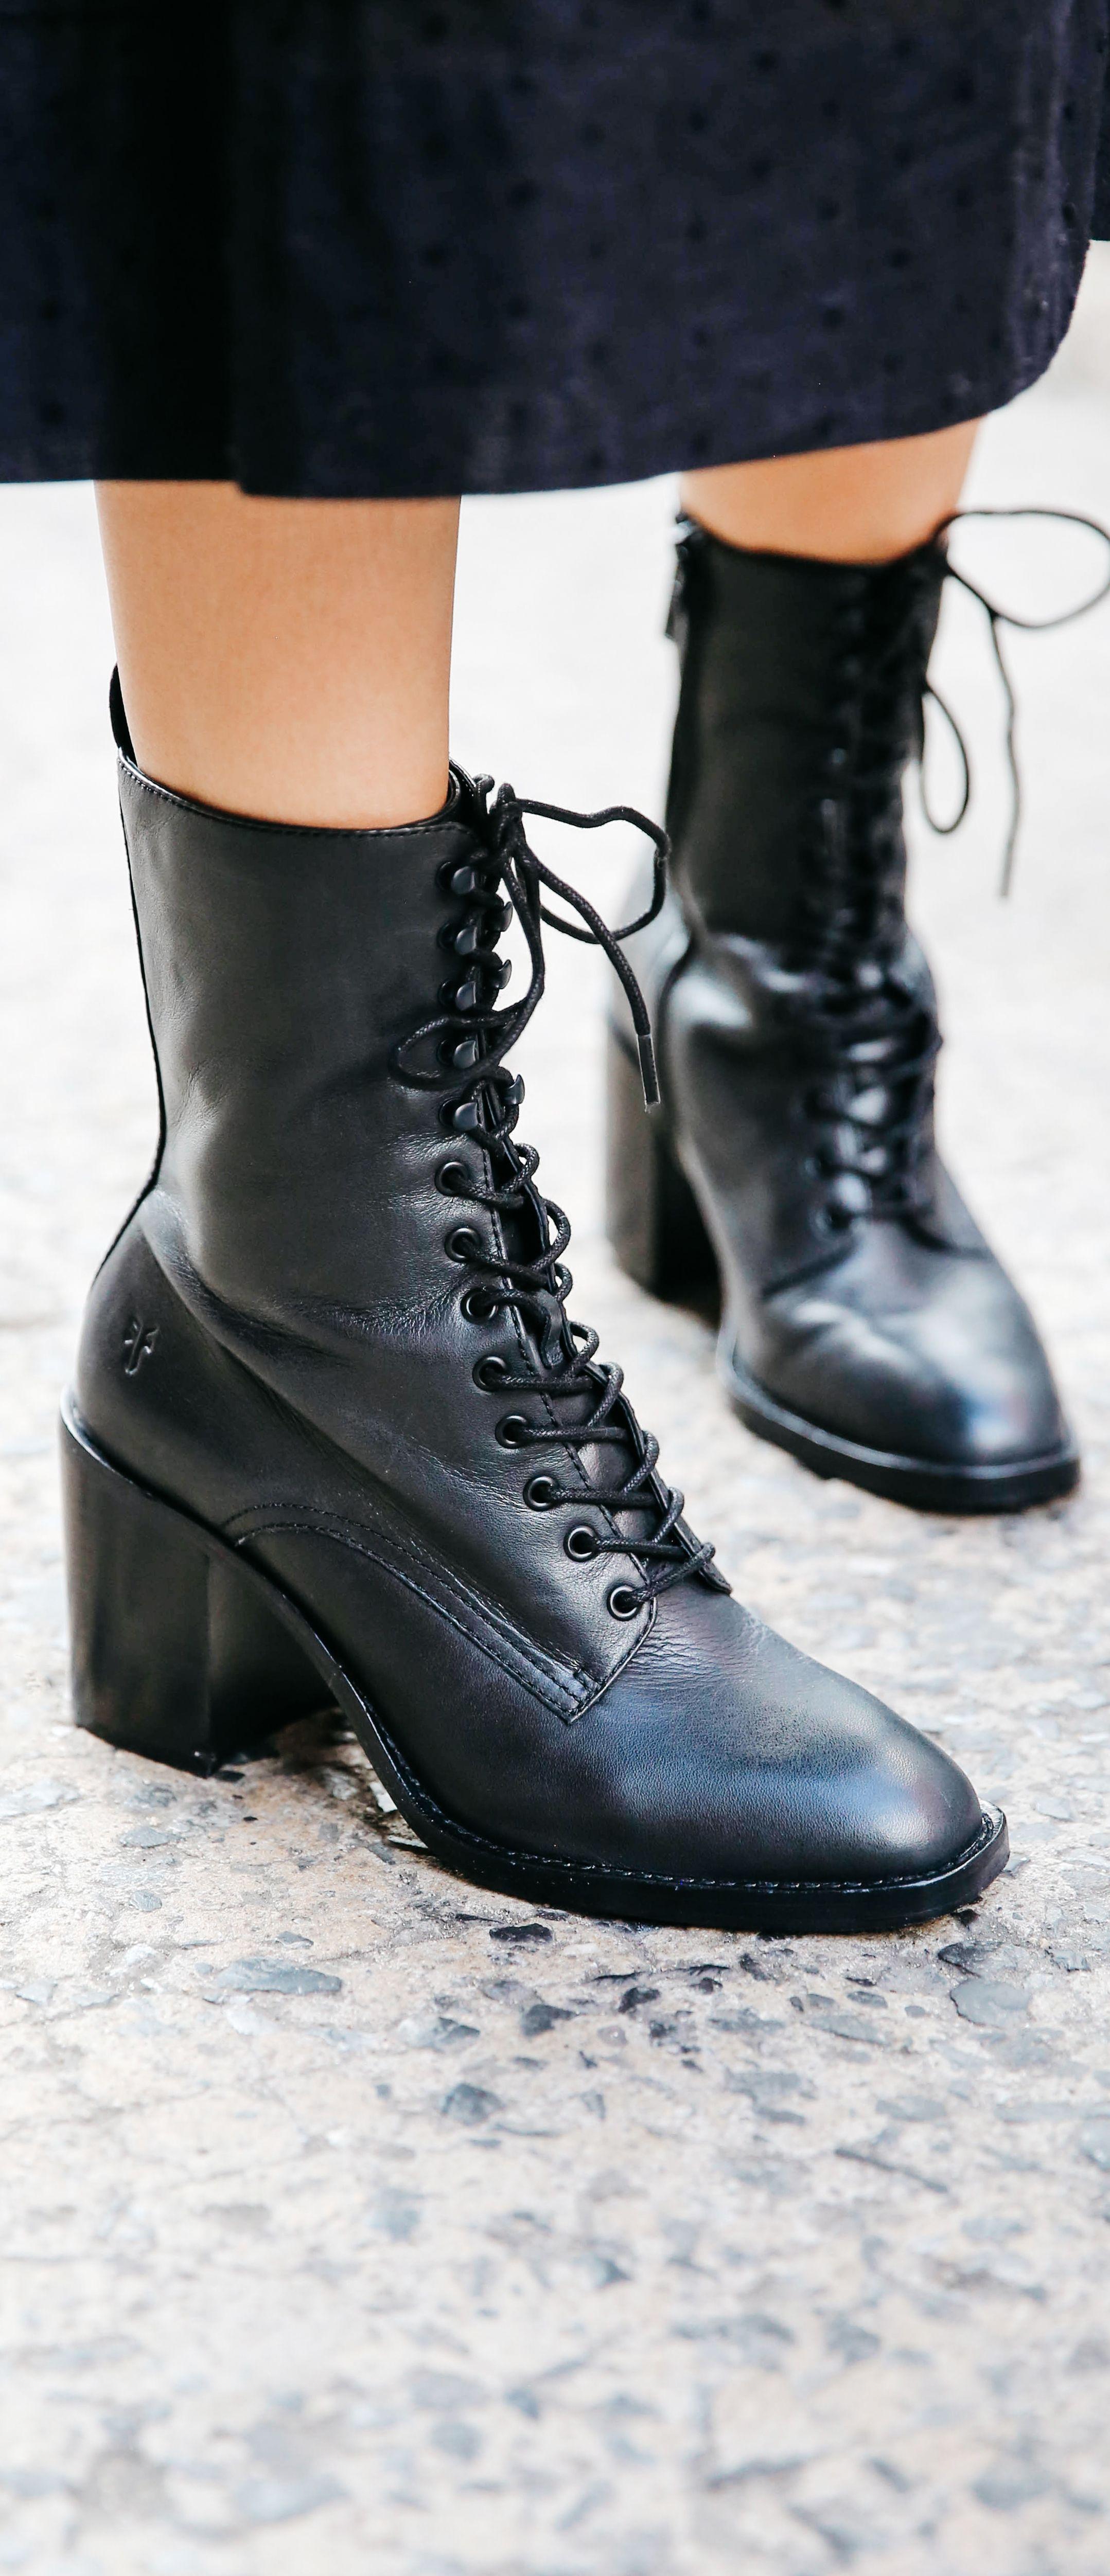 69e03759d153b3 Pia Combat Boots